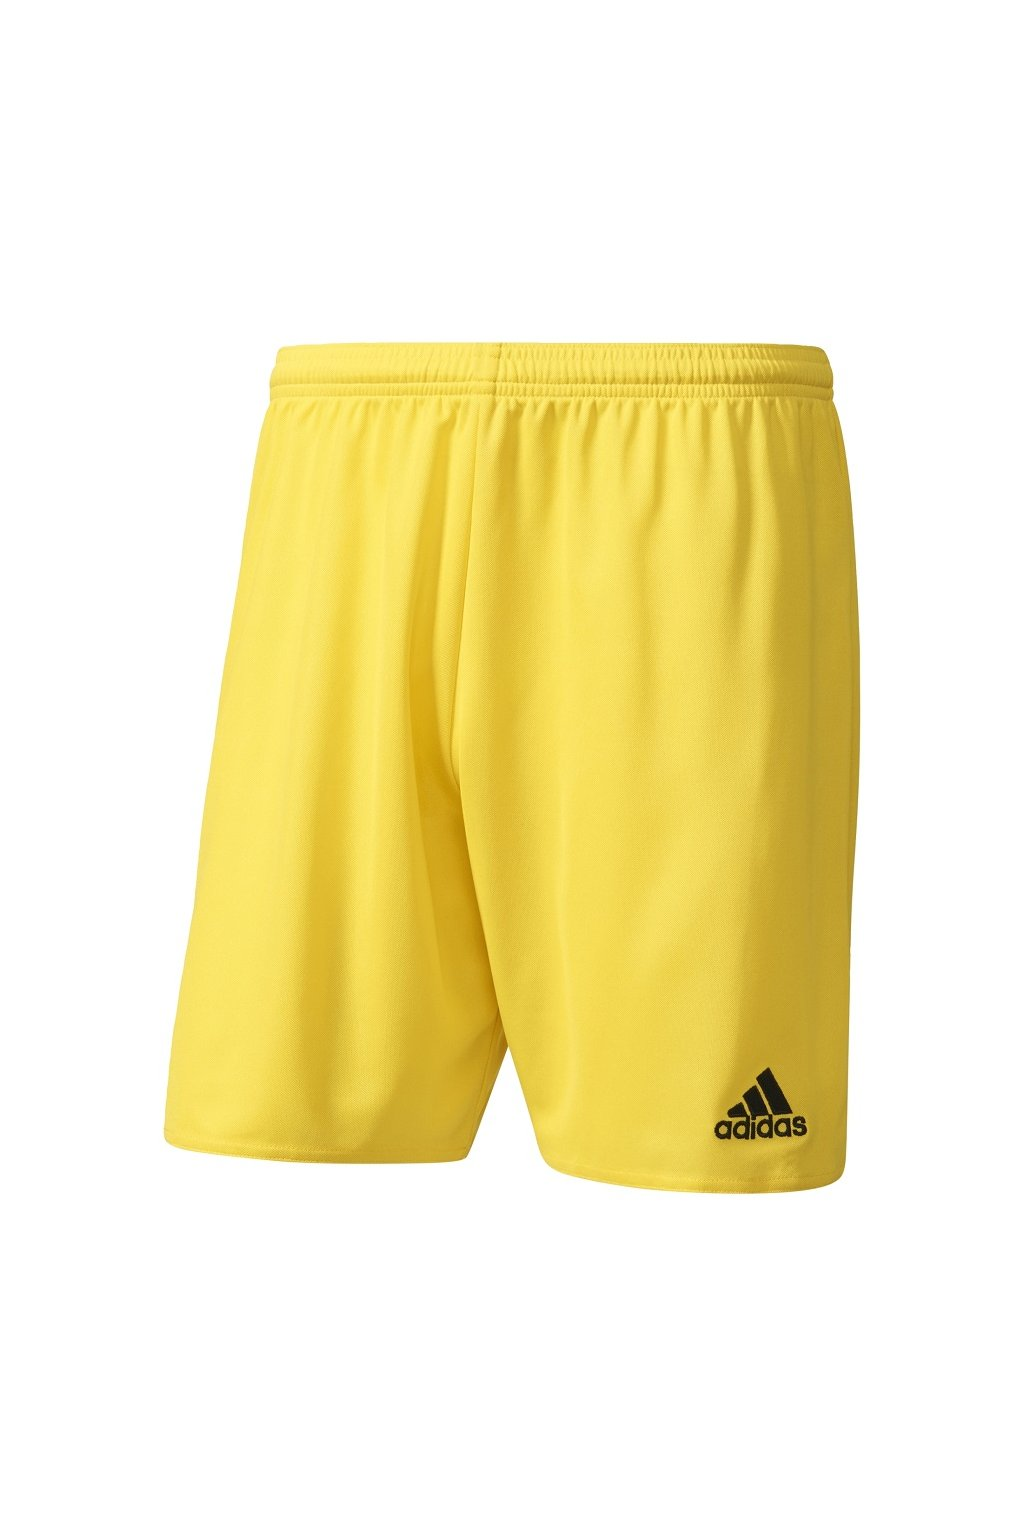 Pánske kraťasy Adidas Parma 16 žlté AJ5885